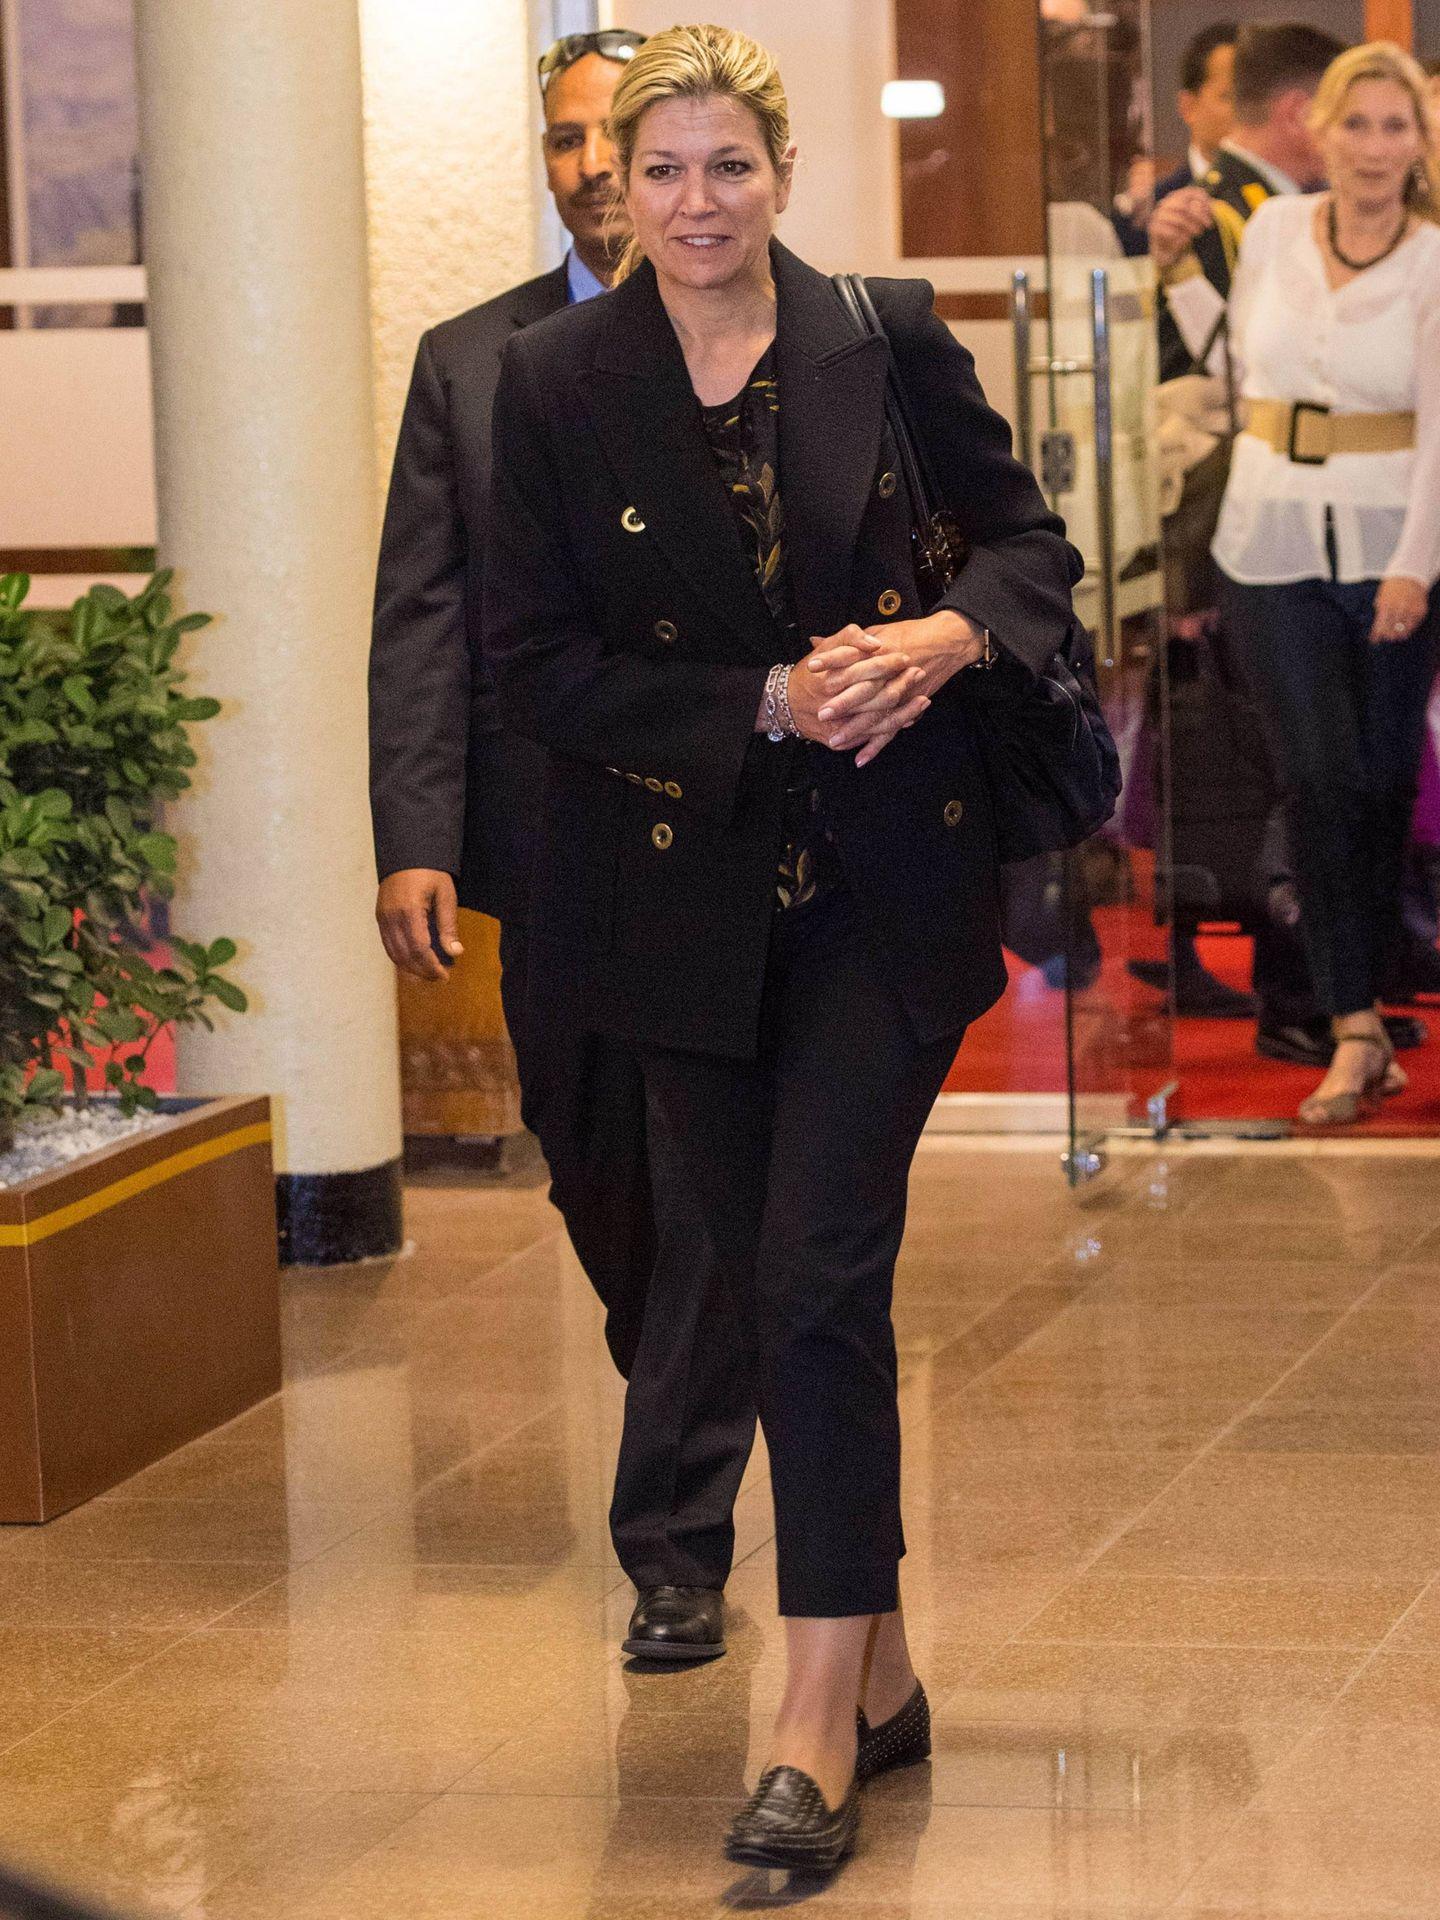 La reina Máxima a su llegada a Etiopía. (Cordon Press)